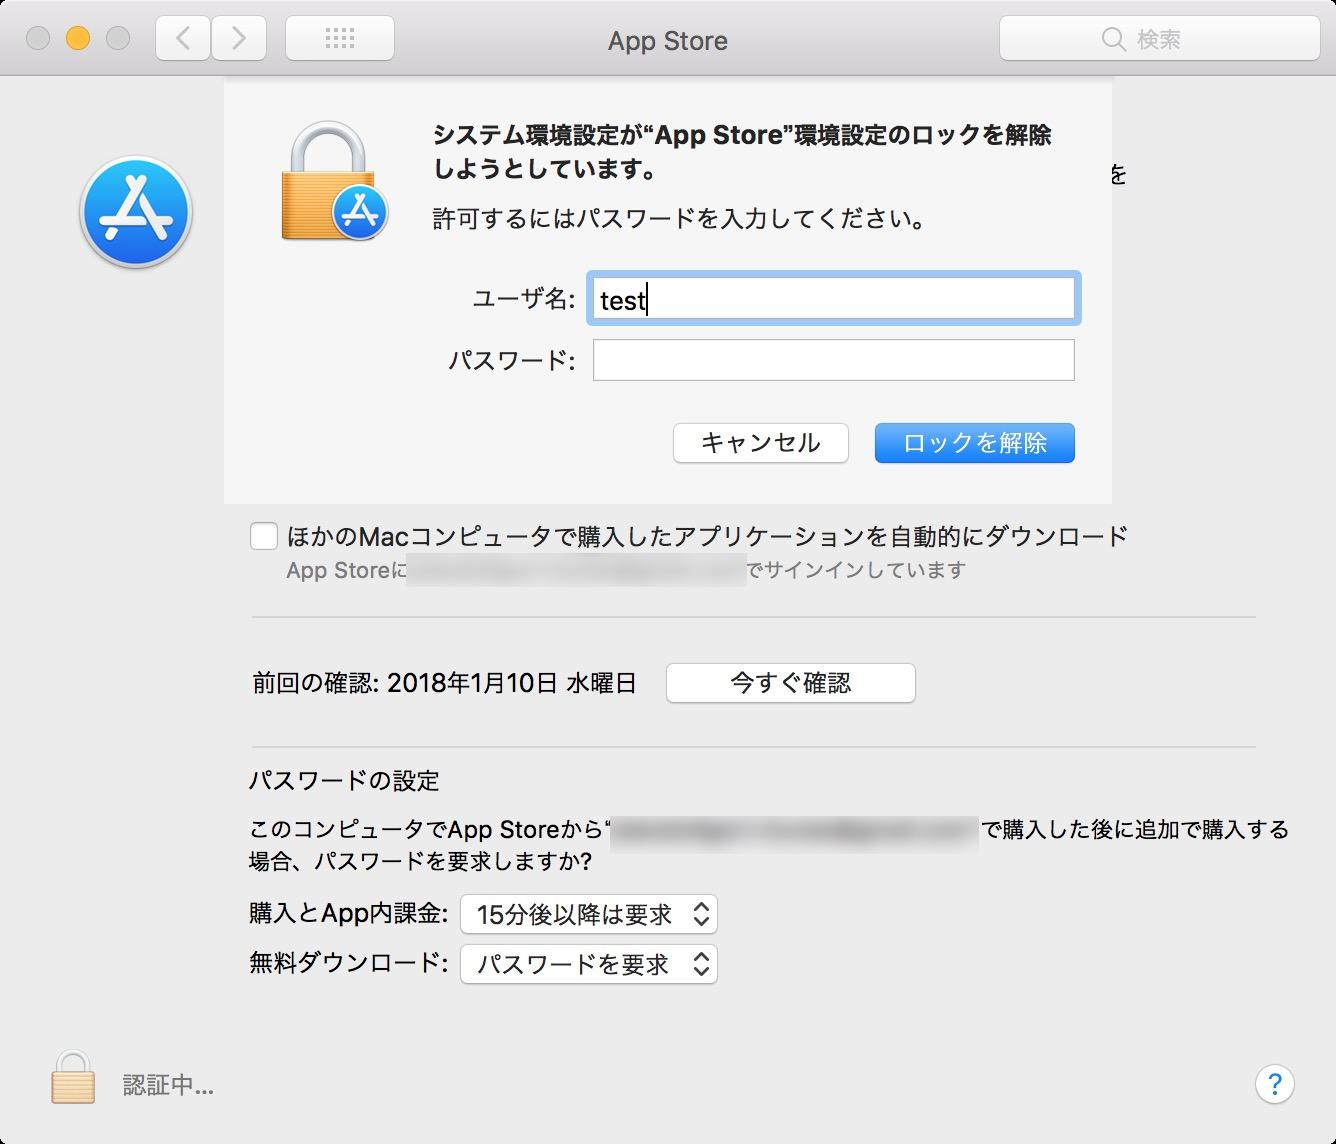 Test appstore bug